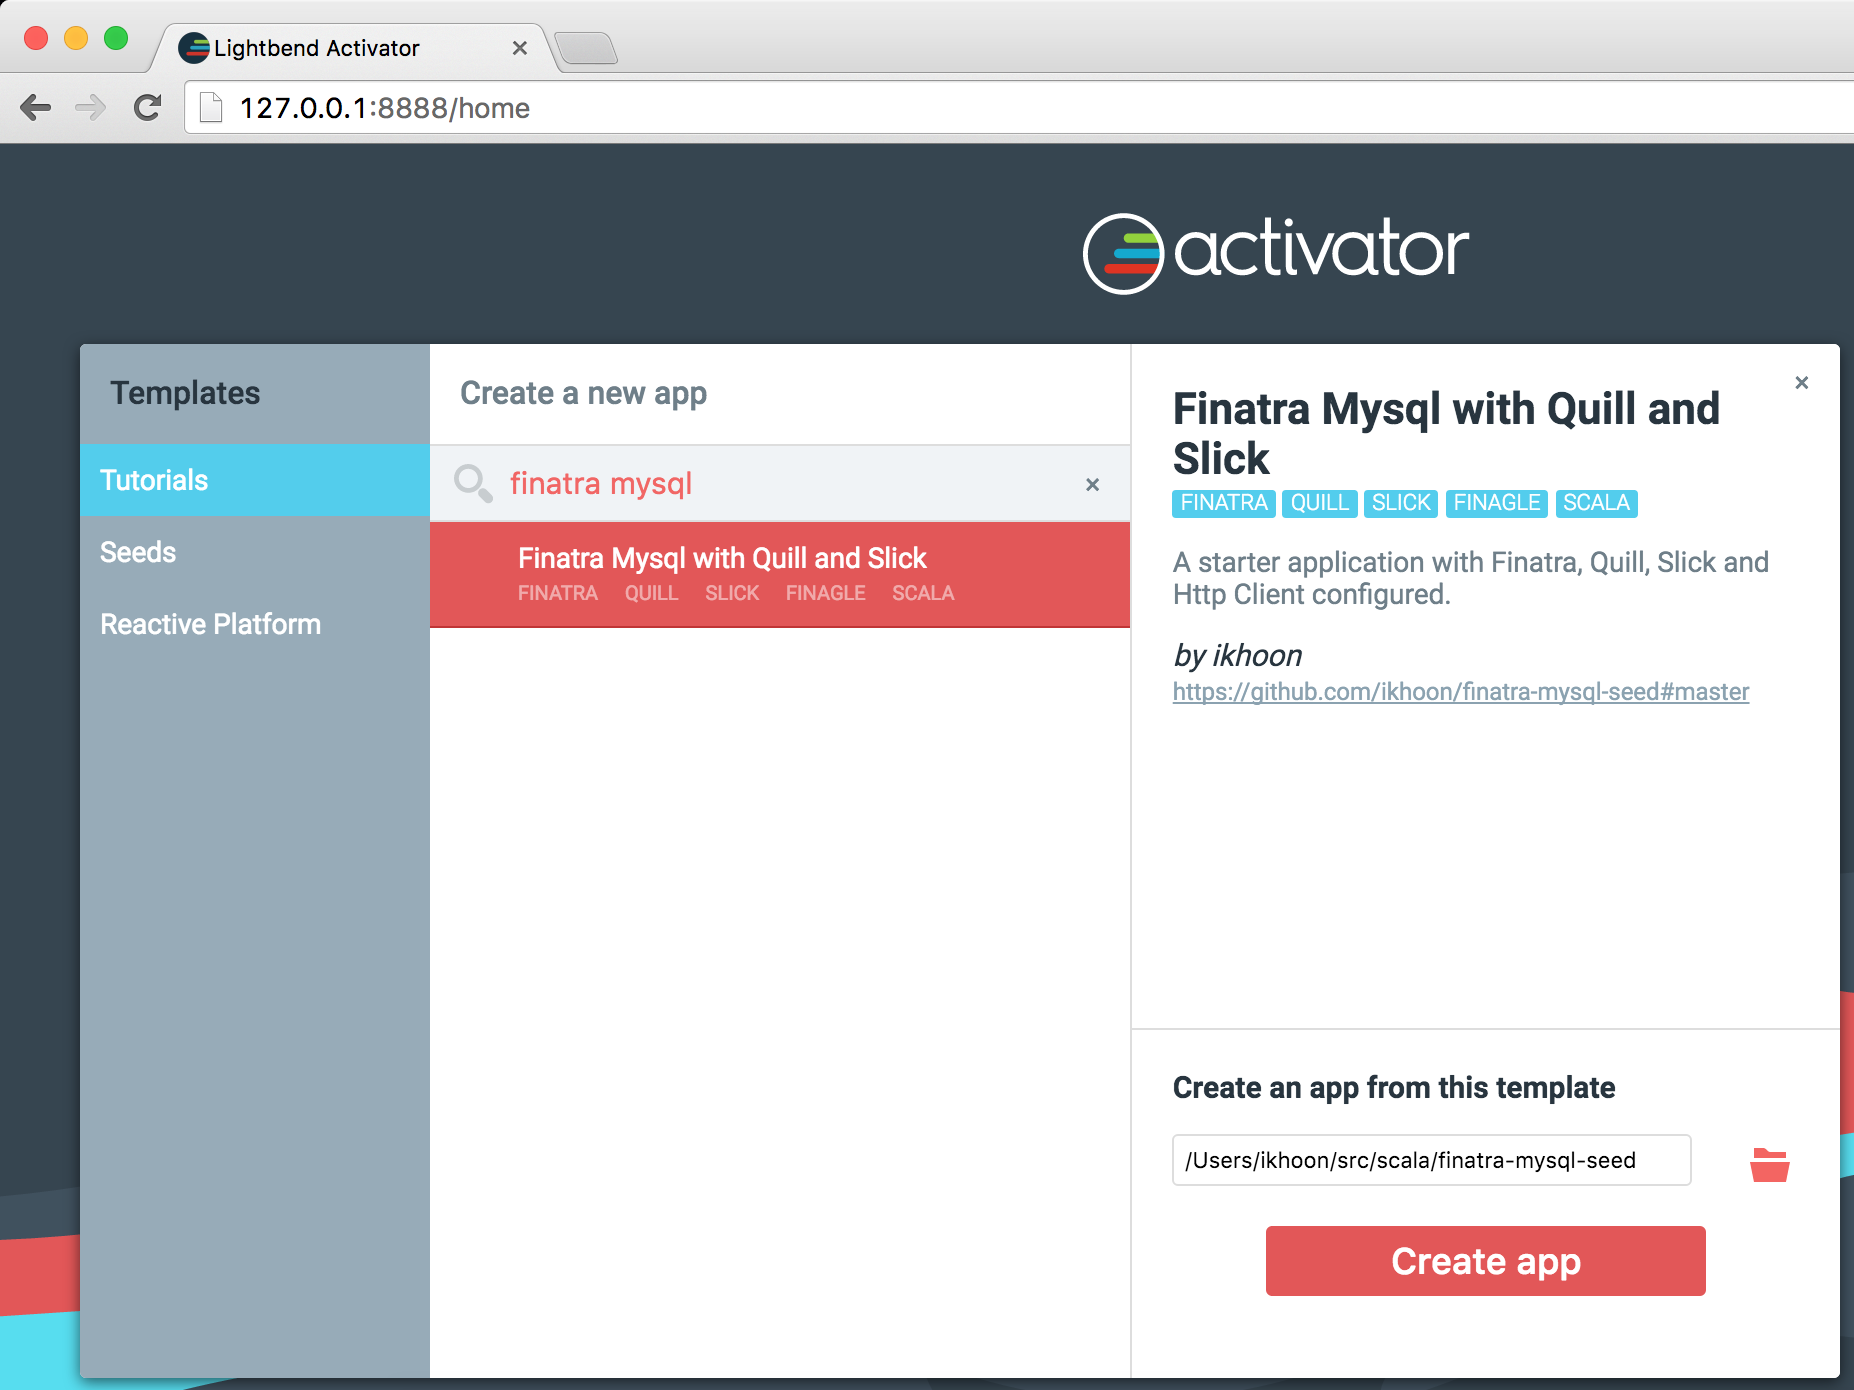 activator ui를 이용한 finatra-mysql-seed 프로젝트 설치